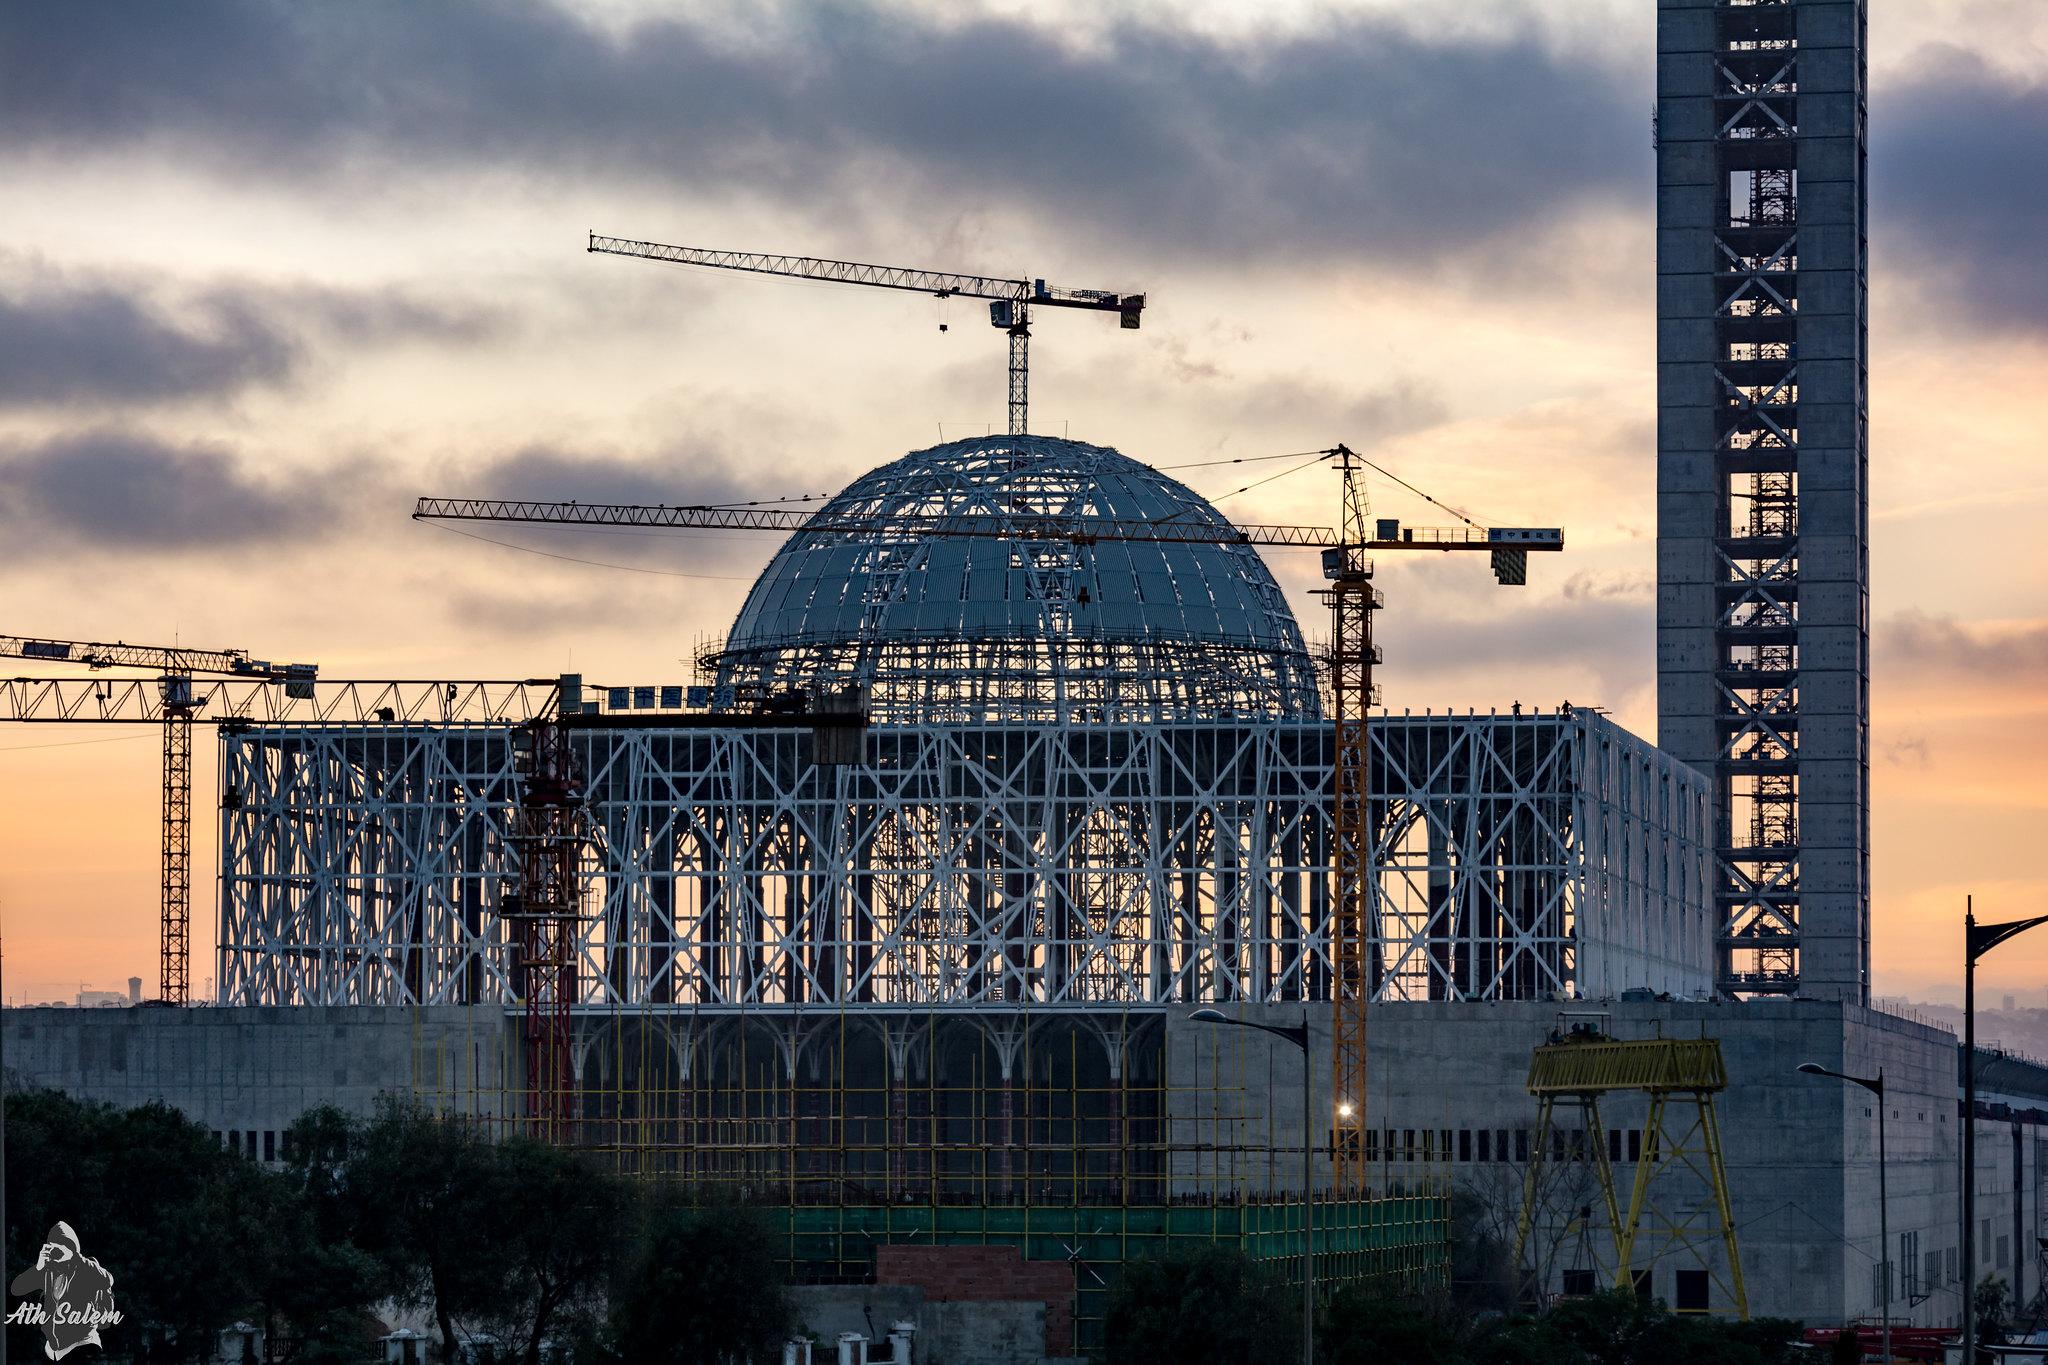 مشروع جامع الجزائر الأعظم: إعطاء إشارة إنطلاق أشغال الإنجاز - صفحة 19 33562099592_2282c93614_k